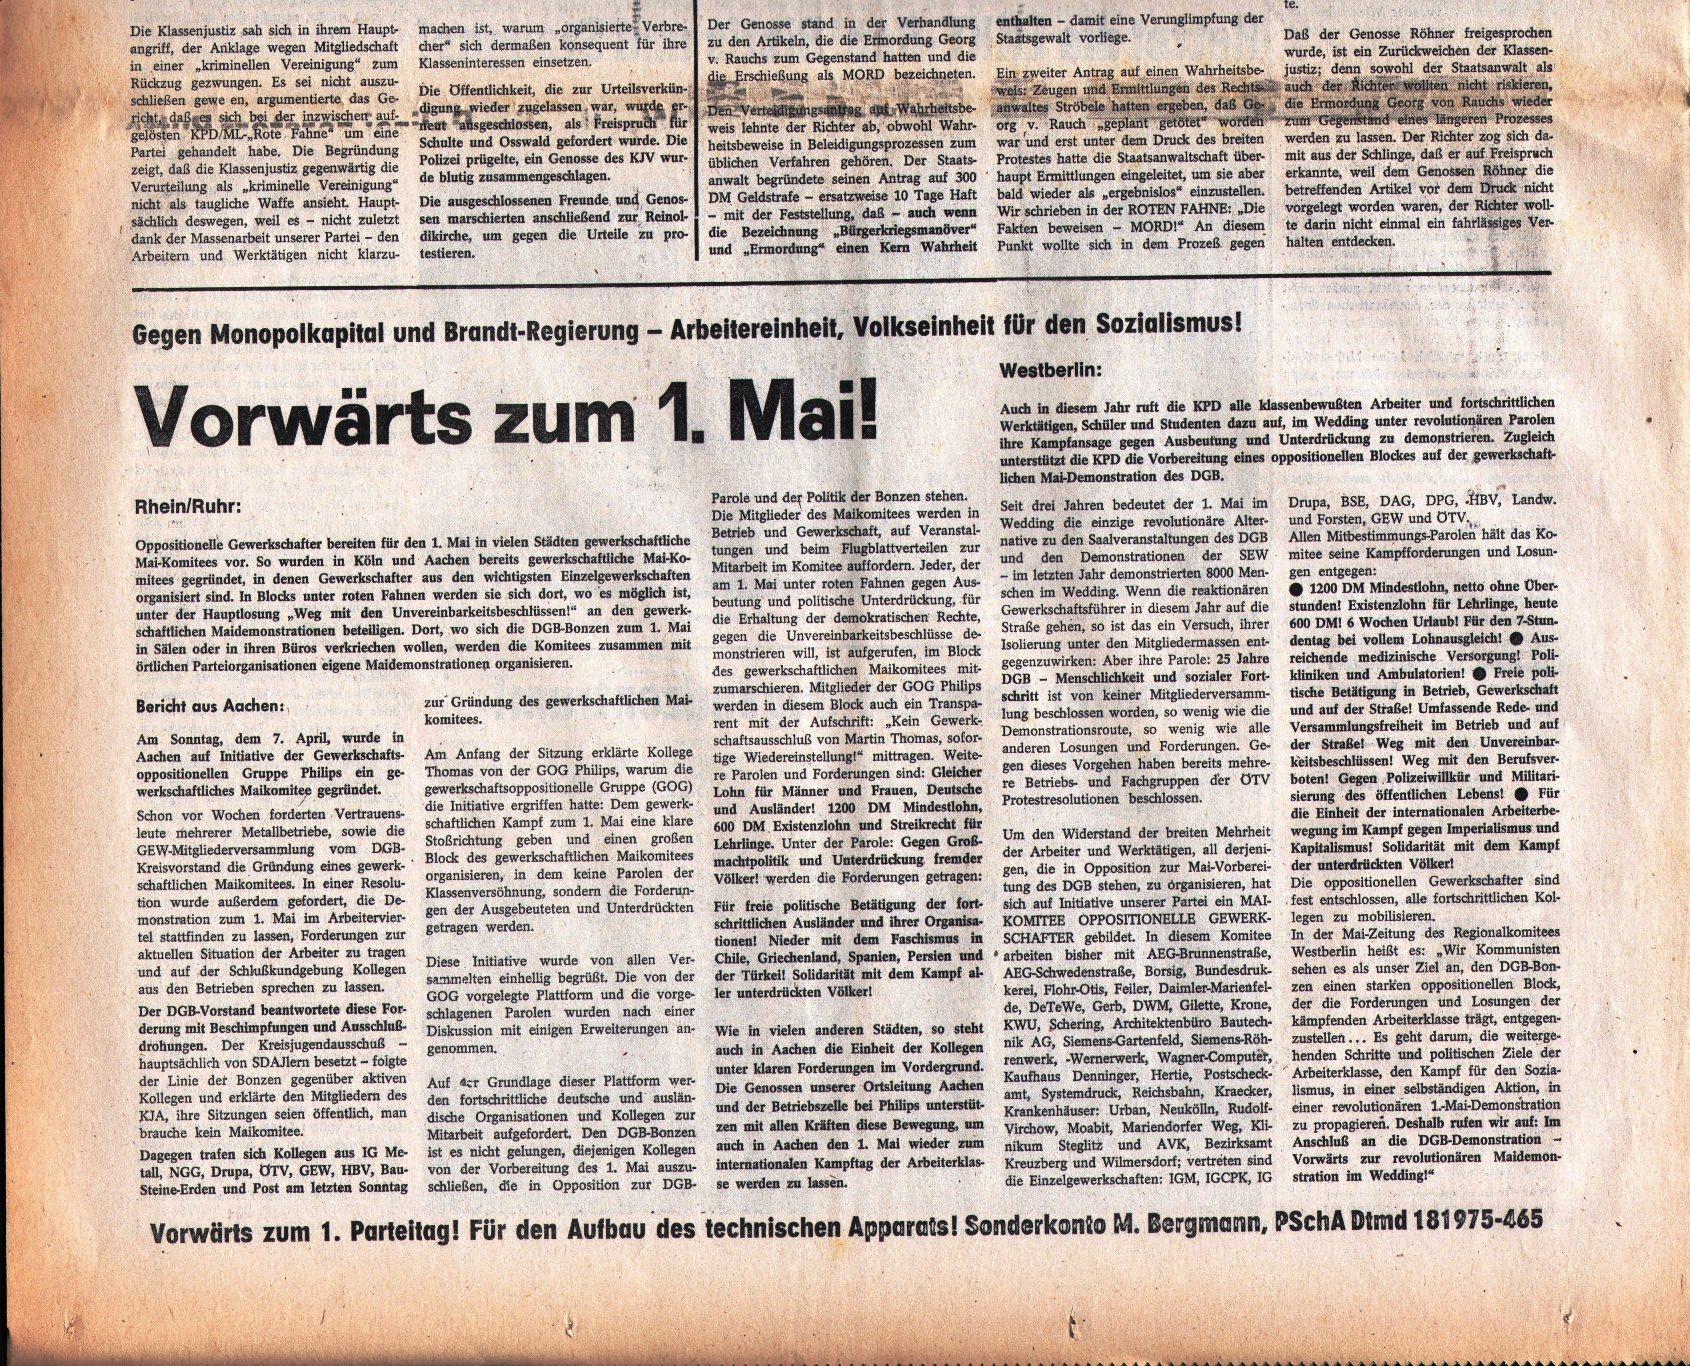 KPD_Rote_Fahne_1974_15_04